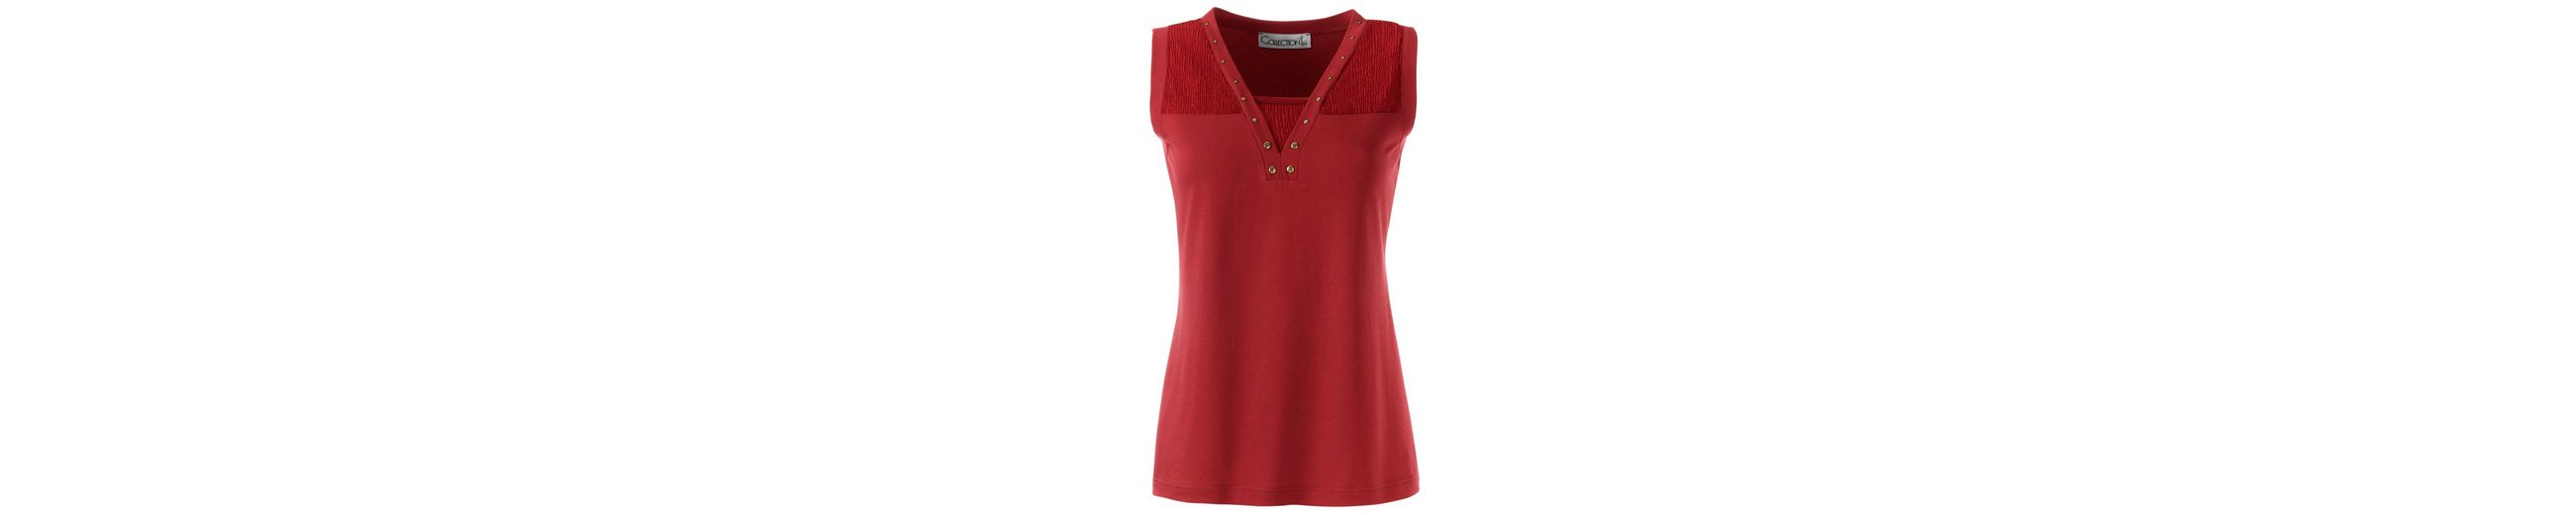 Billig Aus Deutschland Collection L. Shirttop mit Nieten Verkauf Großer Diskont eXwNmxag